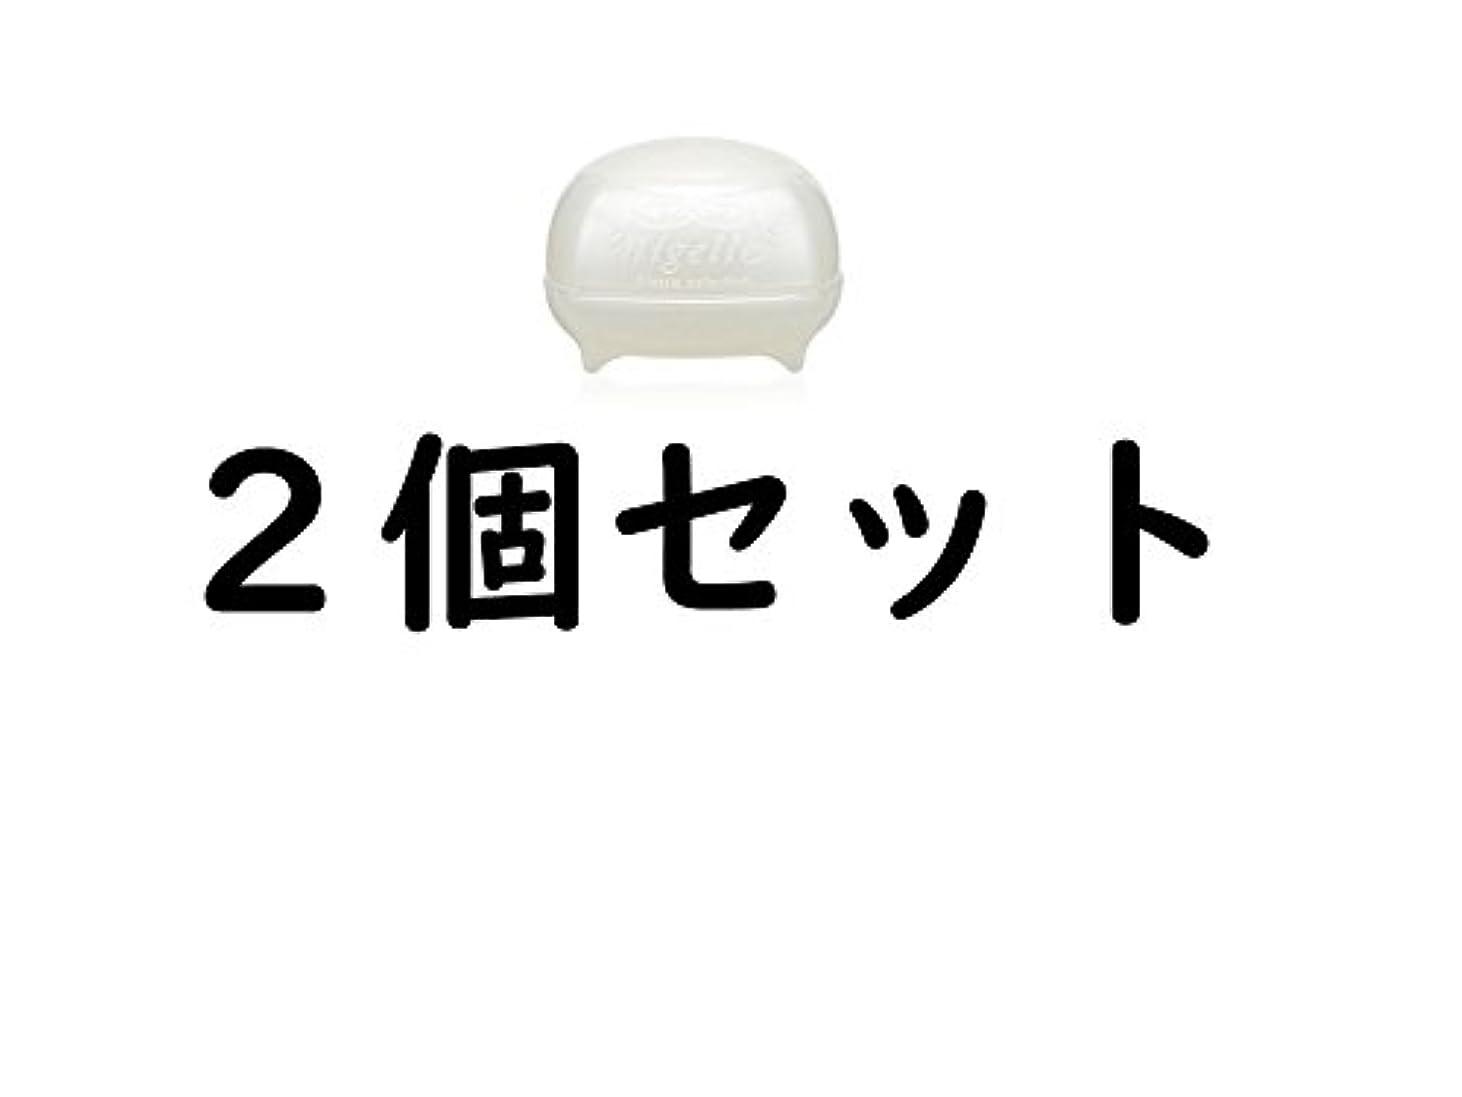 ヘビー心のこもった呼びかける【X2個セット】 ミルボン ニゼル トレイスワックス 80g (ニゼルドレシアコレクション) TRACE WAX MILBON